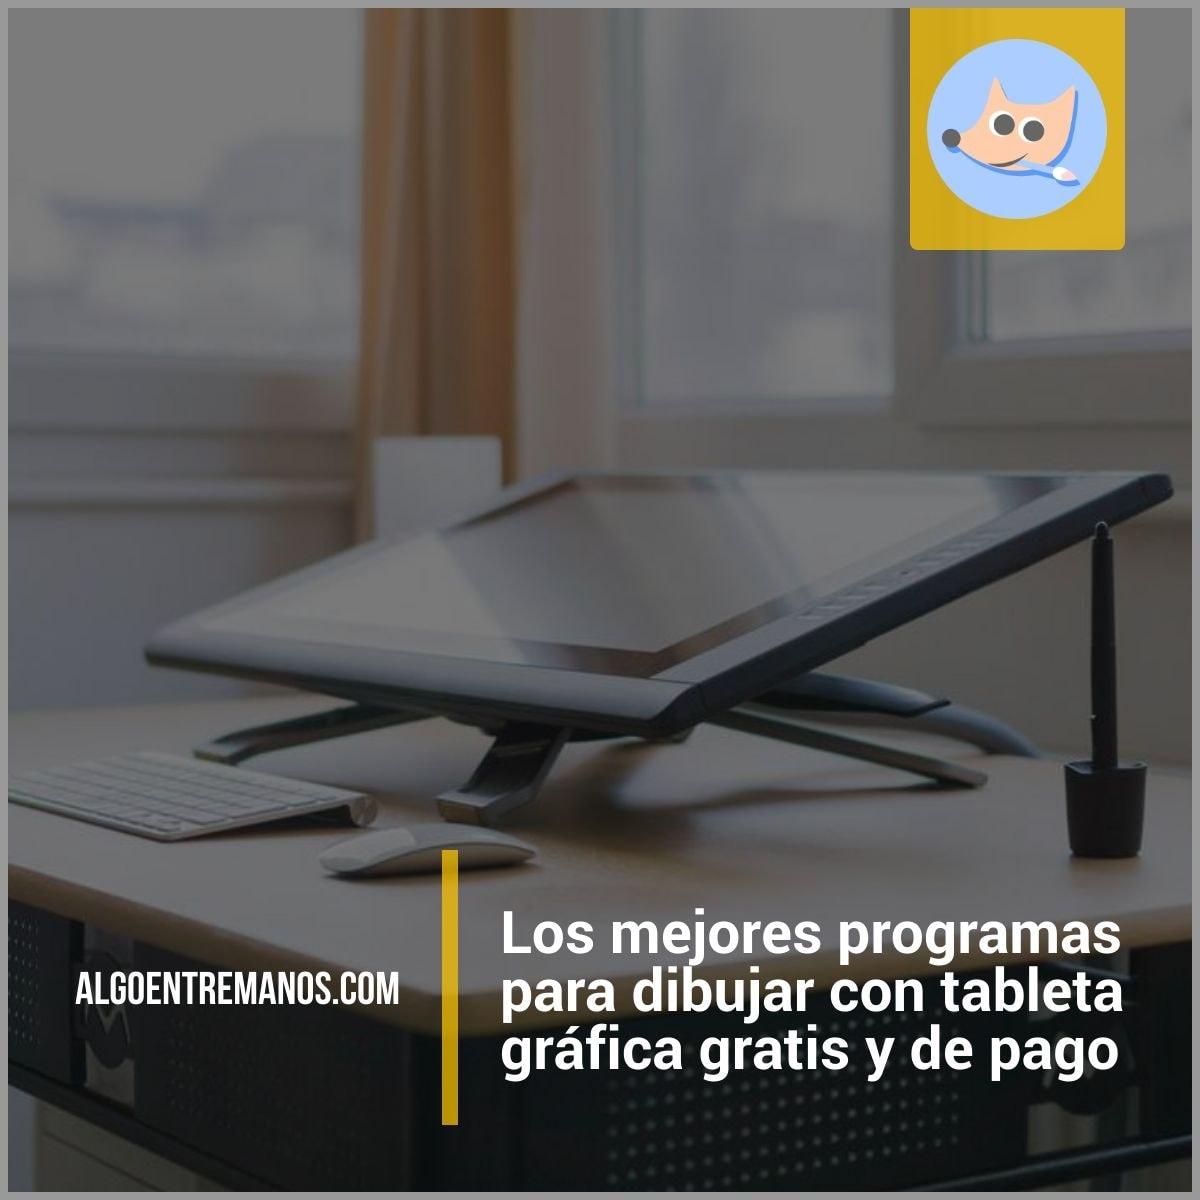 Los mejores programas para dibujar con tableta gráfica gratis y de pago